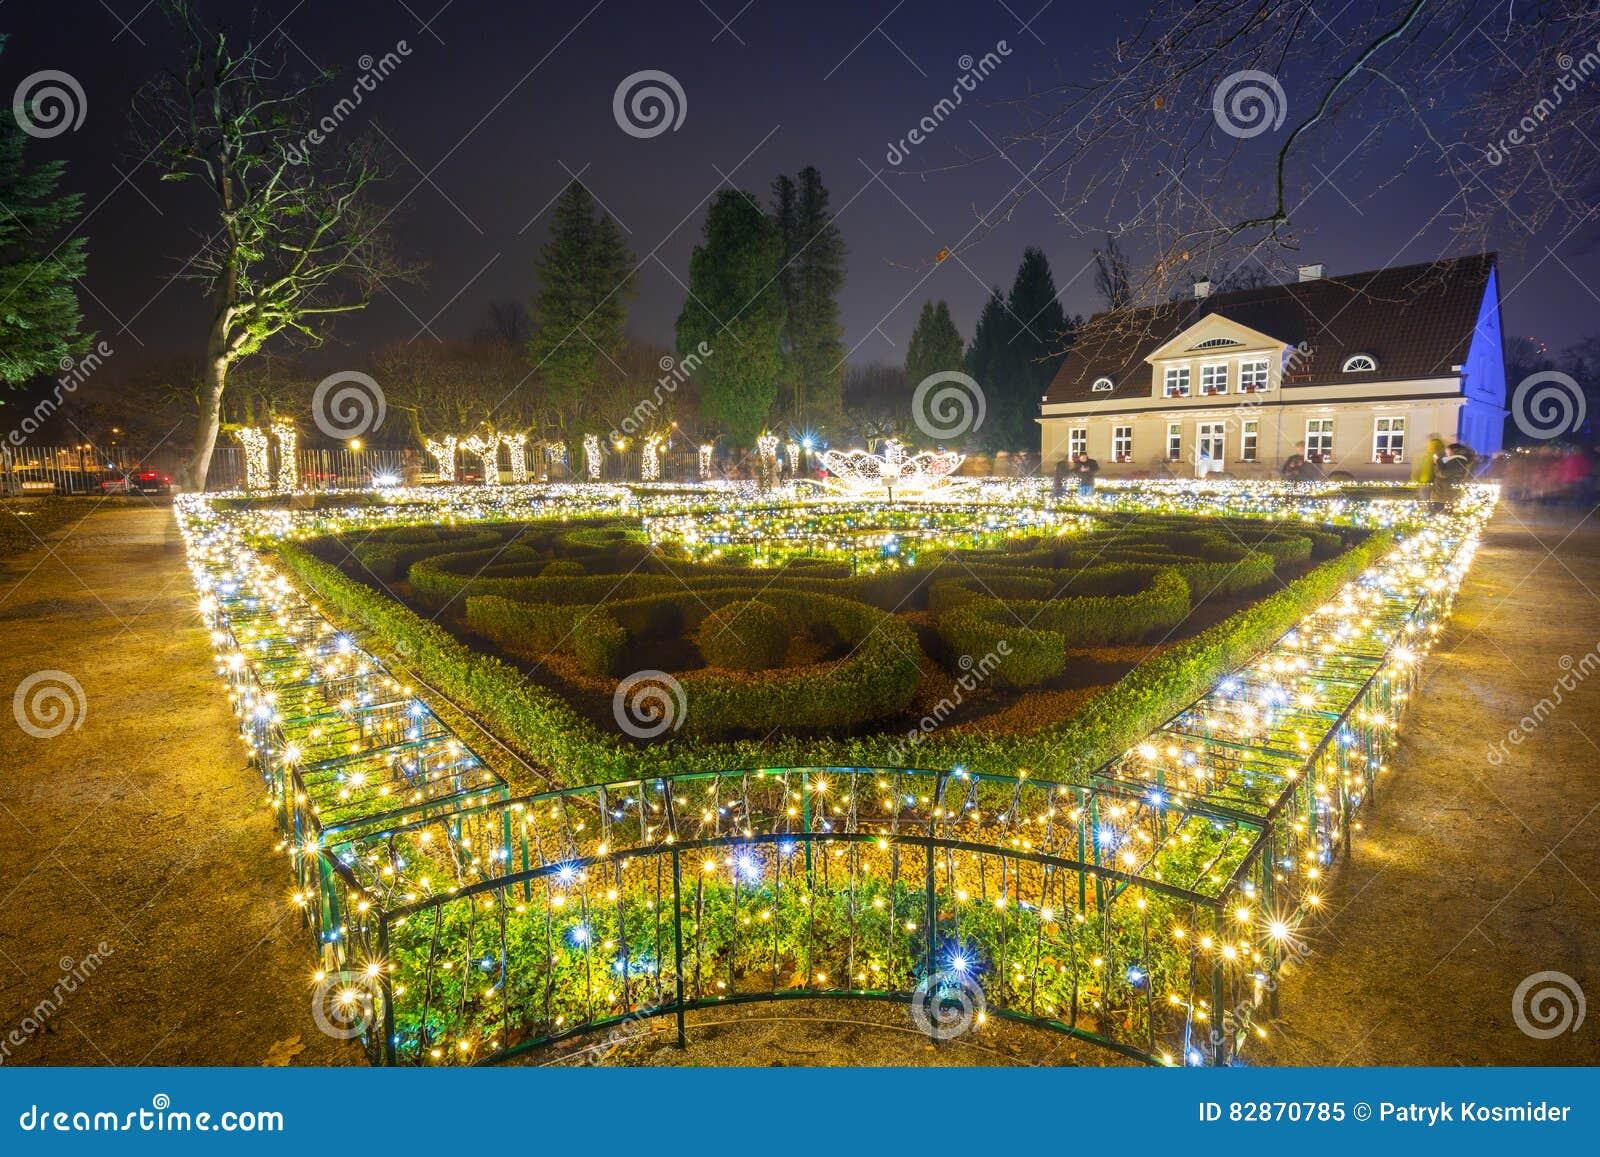 Spaccio ai giardini pubblici telecamera e illuminazione al parco